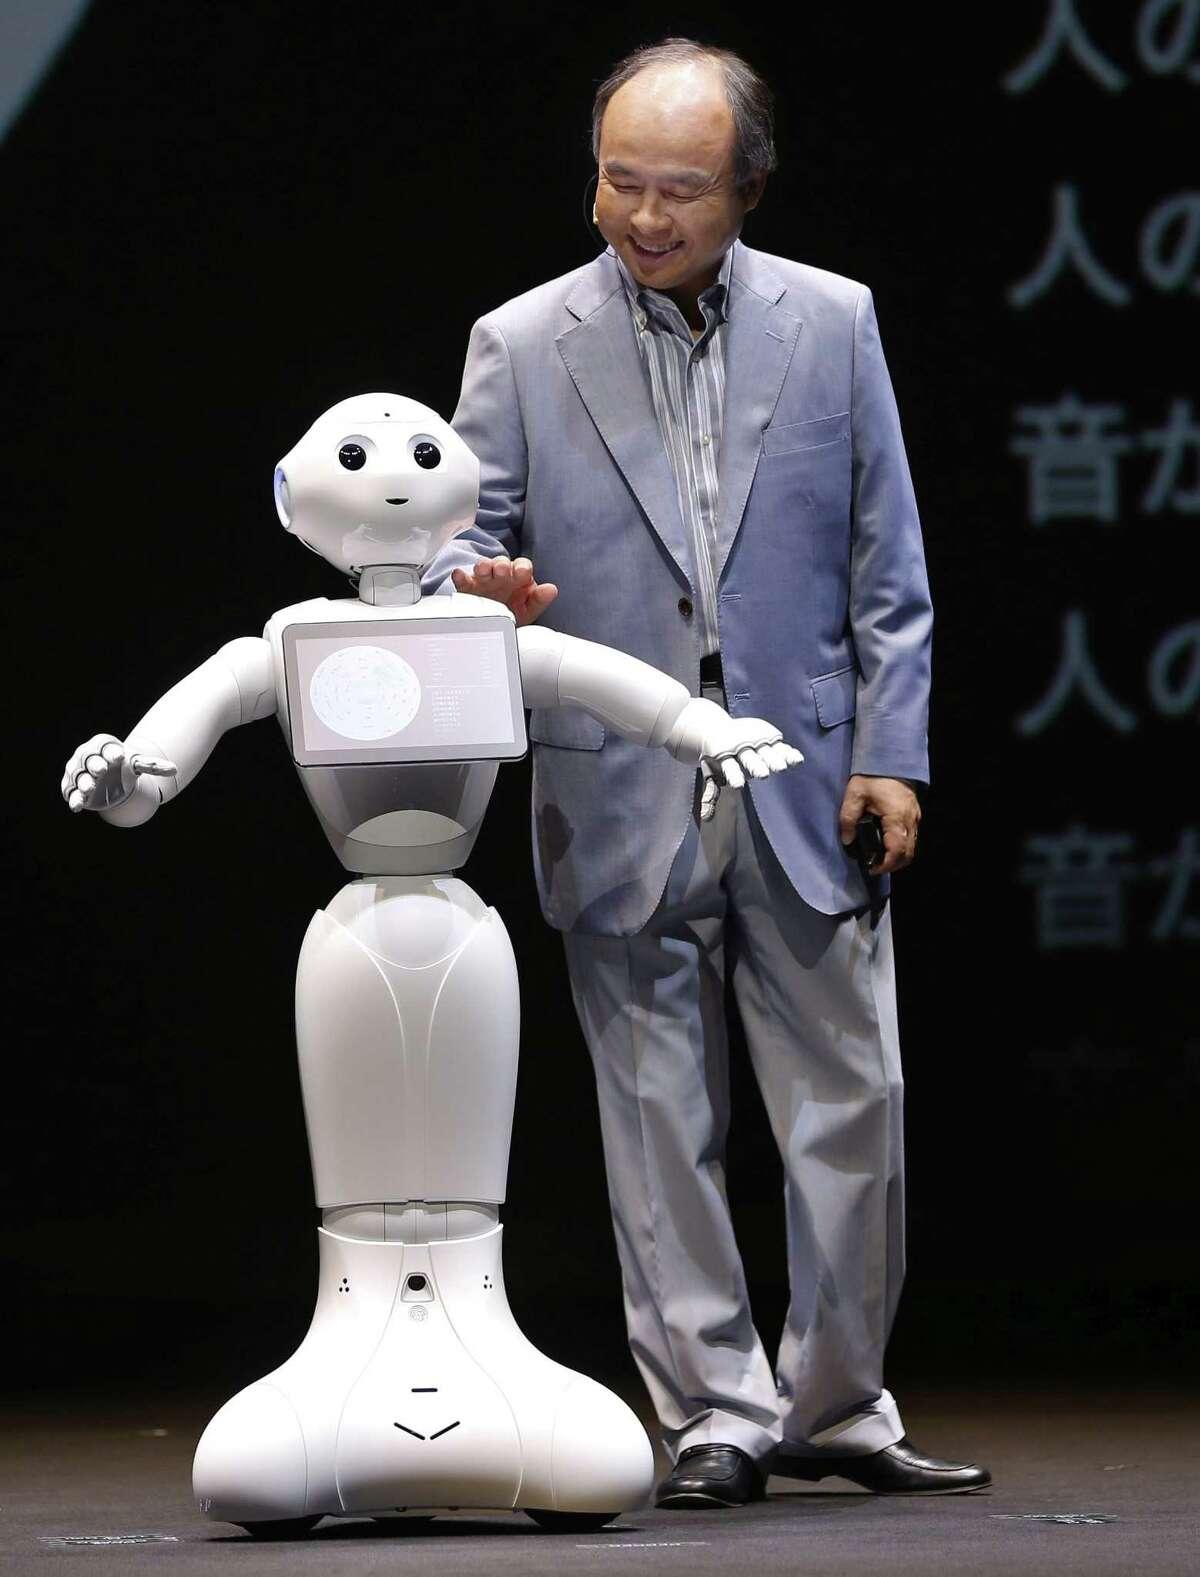 El presidente de la empresa SoftBank Masayoshi Son saluda al robot Pepper, que la compaÒÌa presentÛ cerca de Tokio el jueves 18 de junio de 2015. (Foto AP/Shizuo Kambayashi)